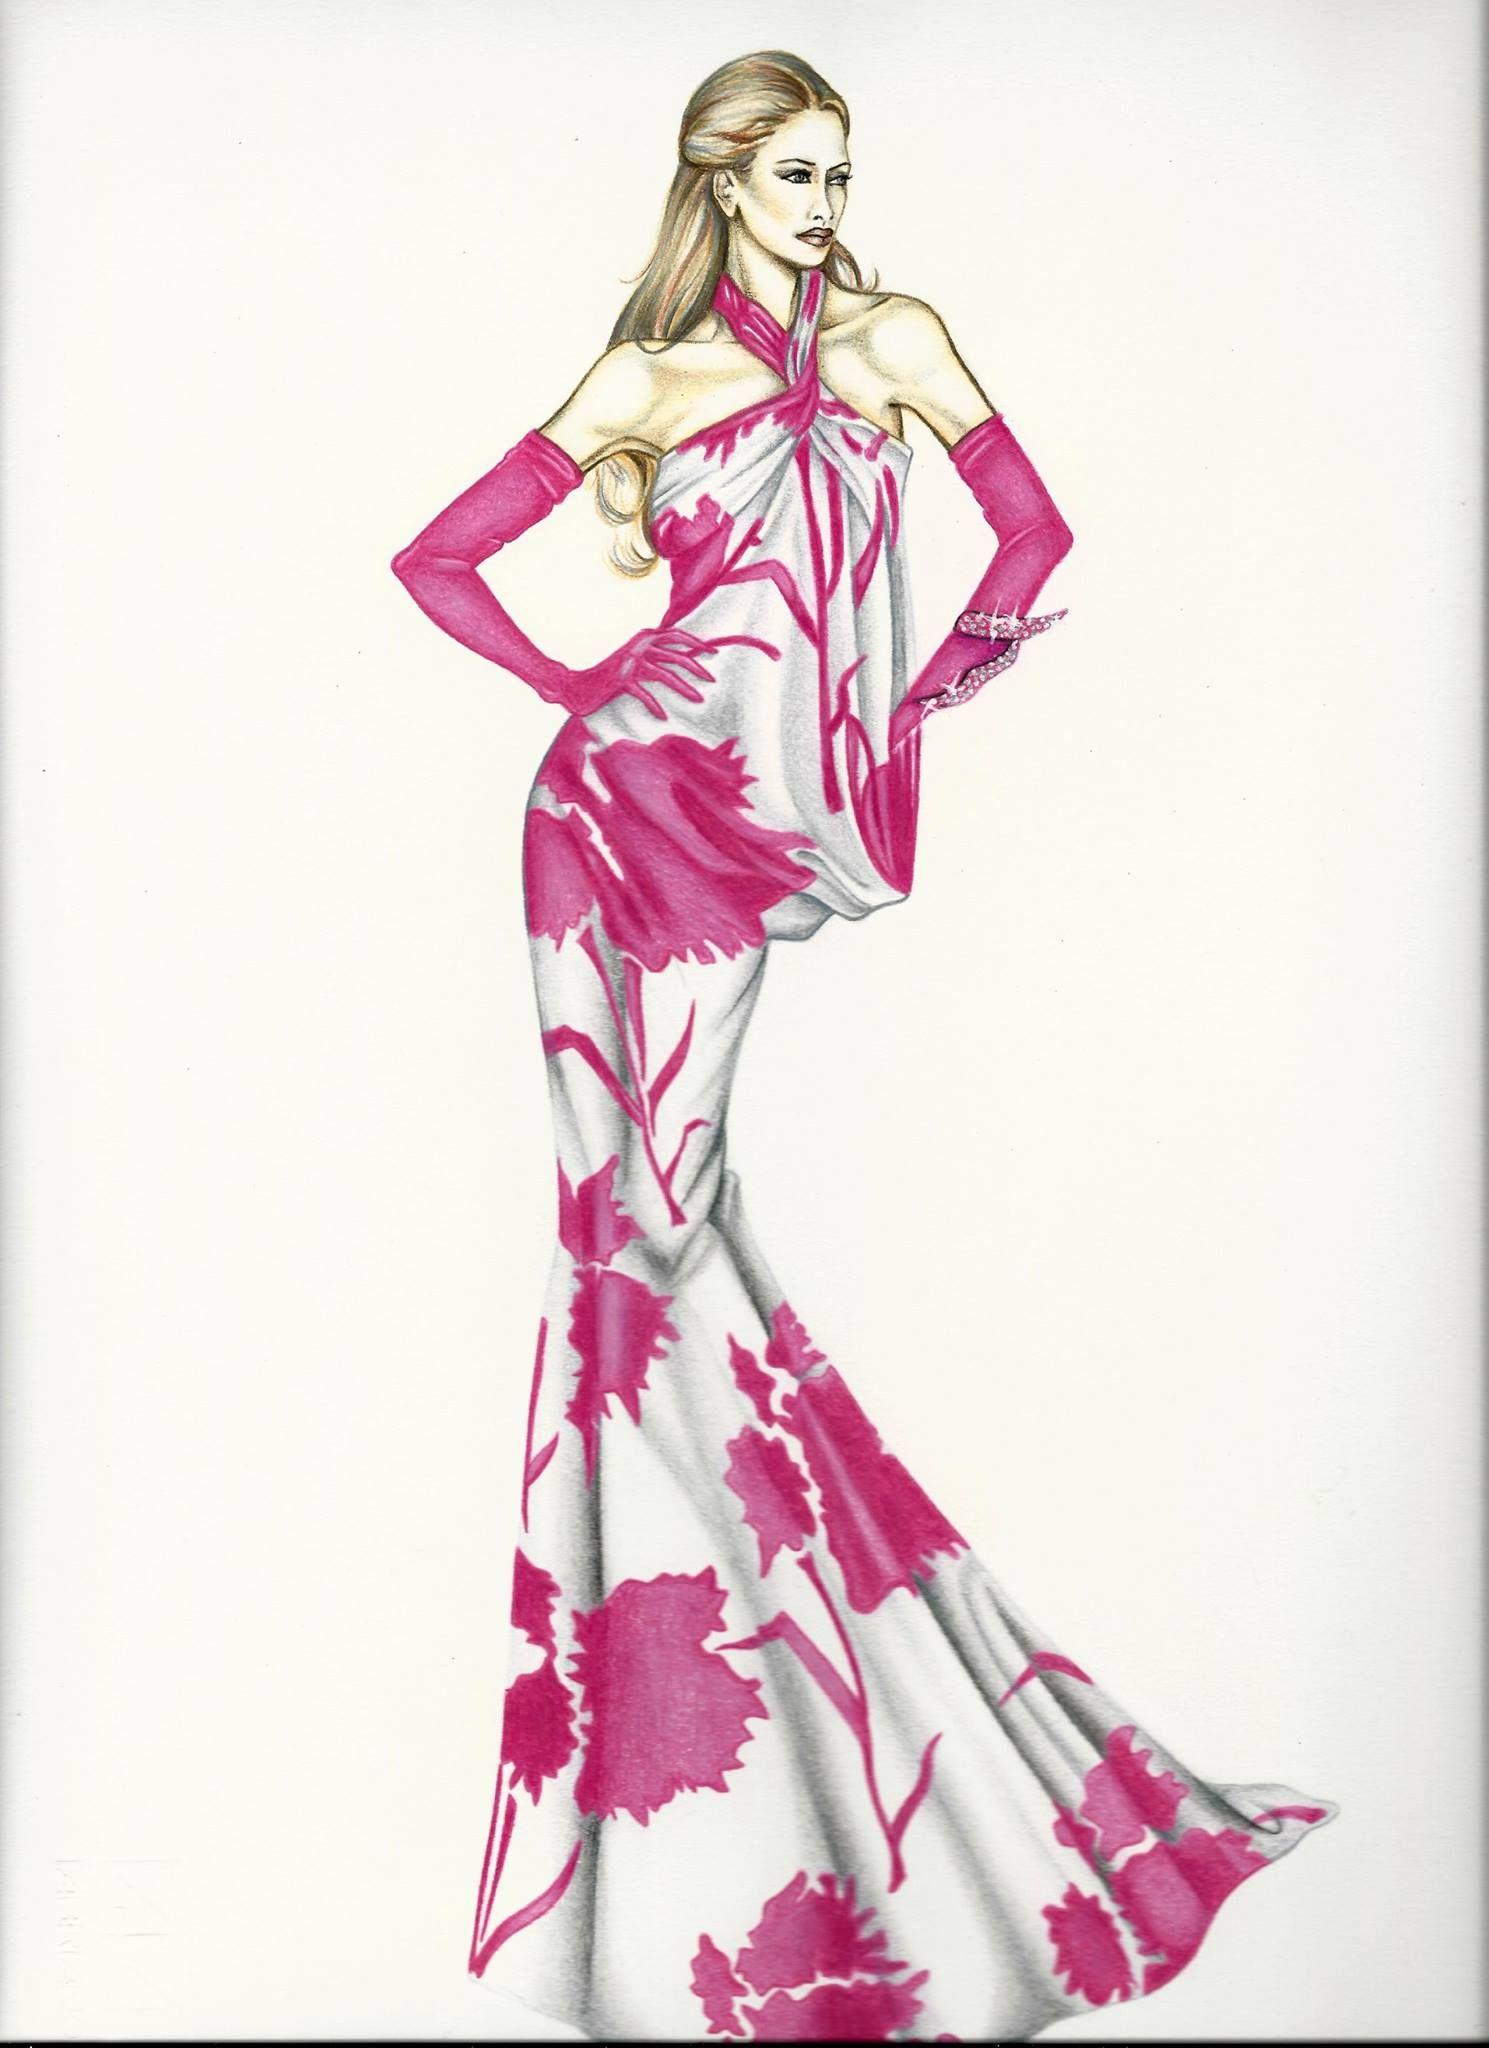 Pin de Rosa Cuevas en ilustración moda | Pinterest | Bocetos de ...